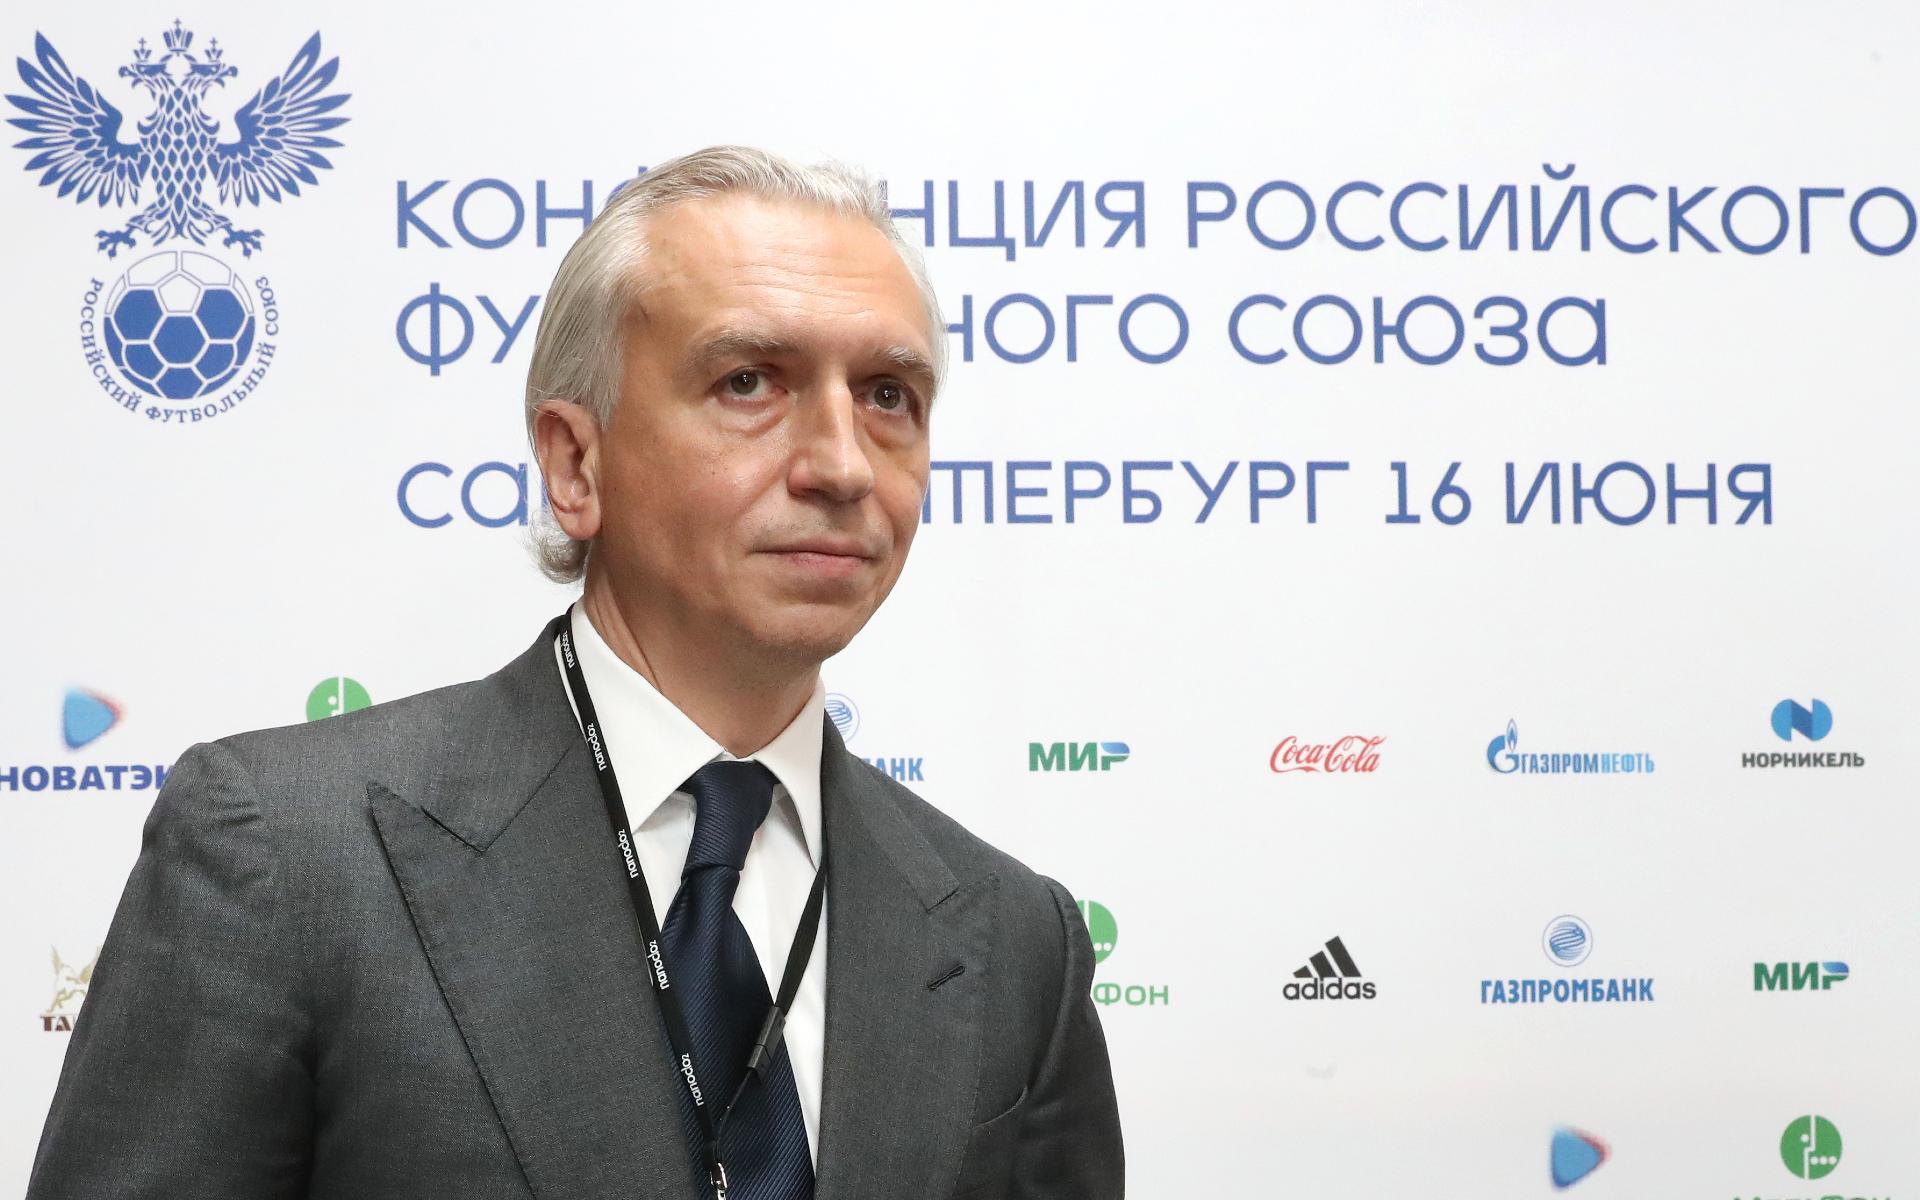 Фото: Александр Дюков (Петр Ковалев/ТАСС)